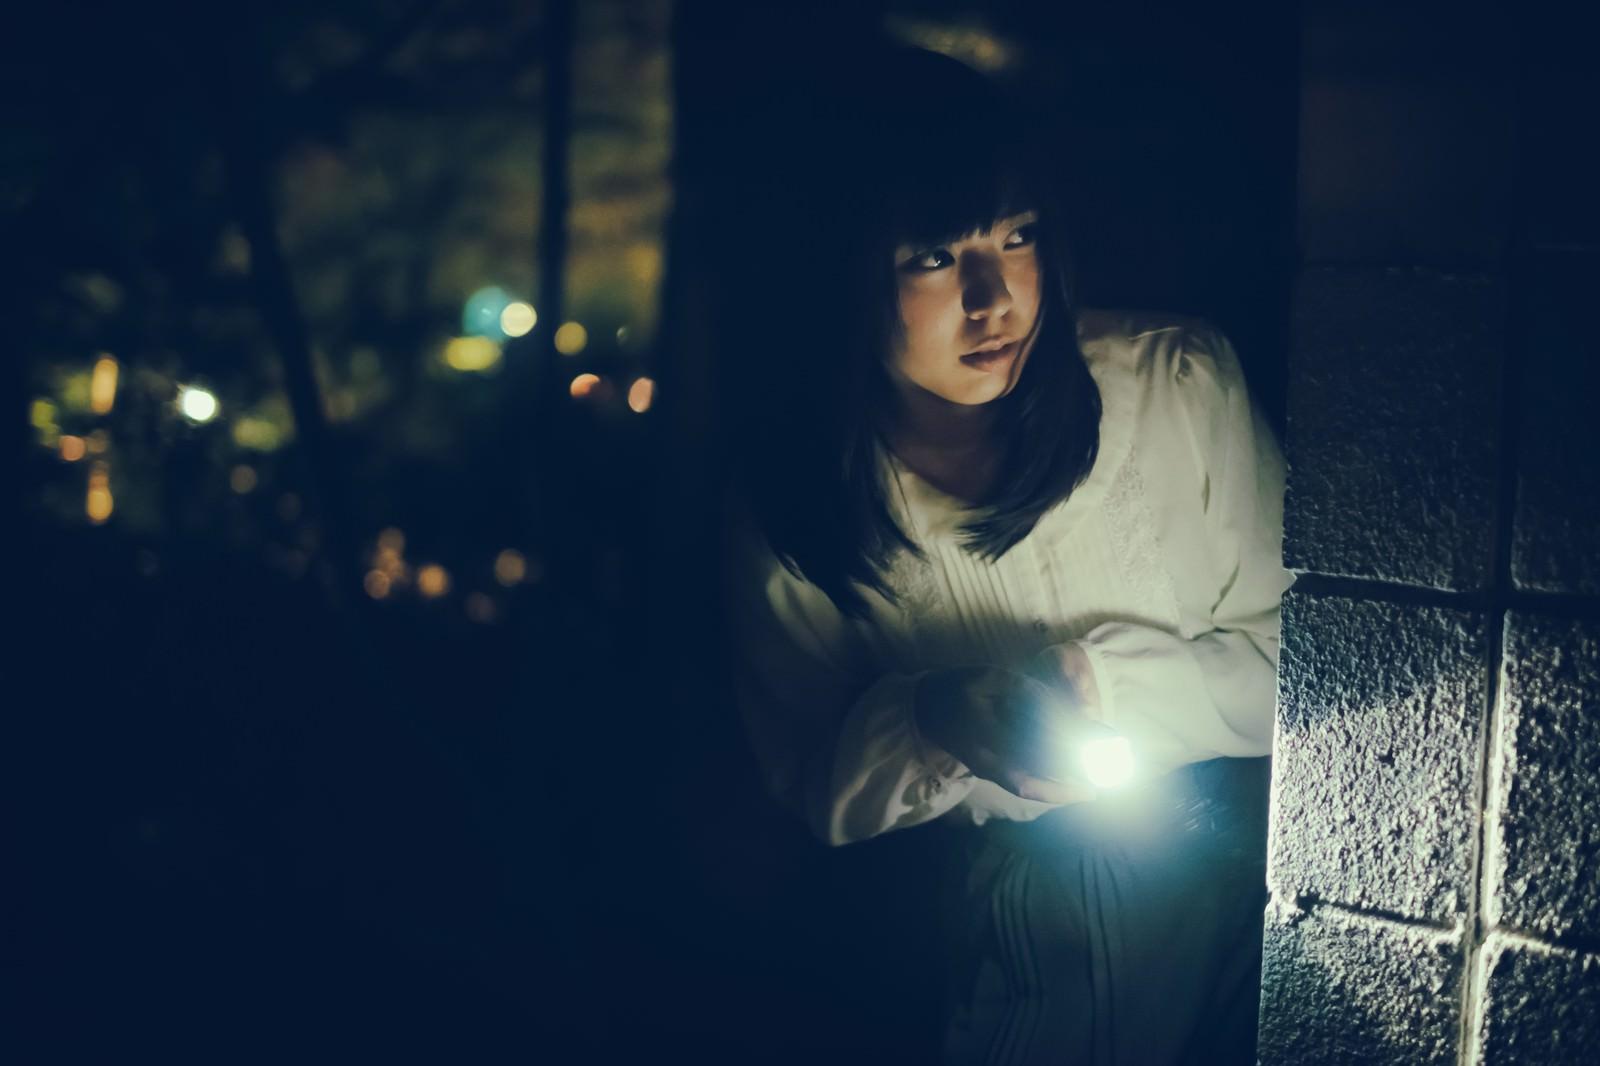 「暗闇の中、ハンドライトを照らす肝試し女子」[モデル:さとうゆい]